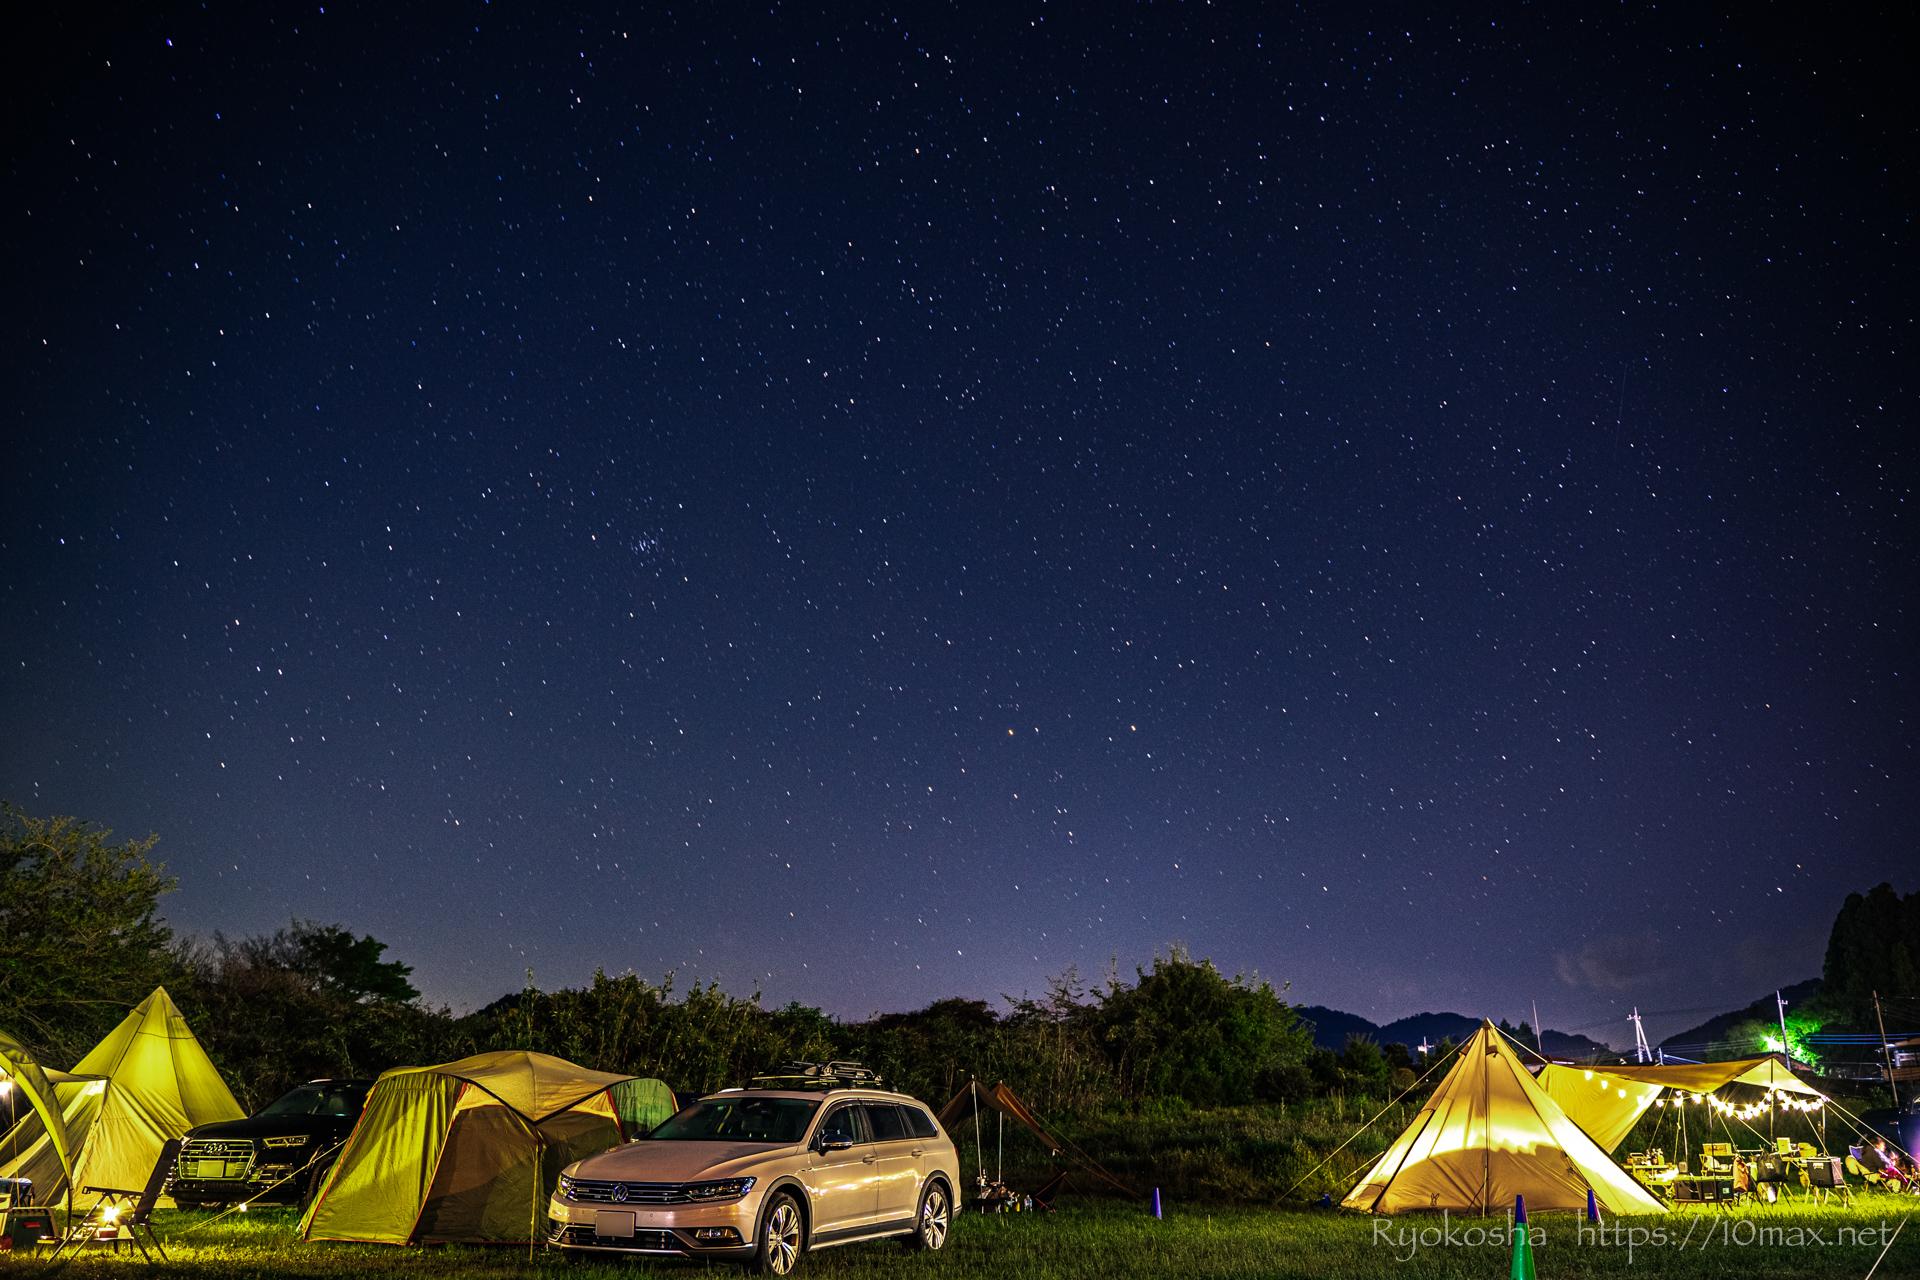 上小川キャンプ場 茨城県 星 キャンプレポート ブログ